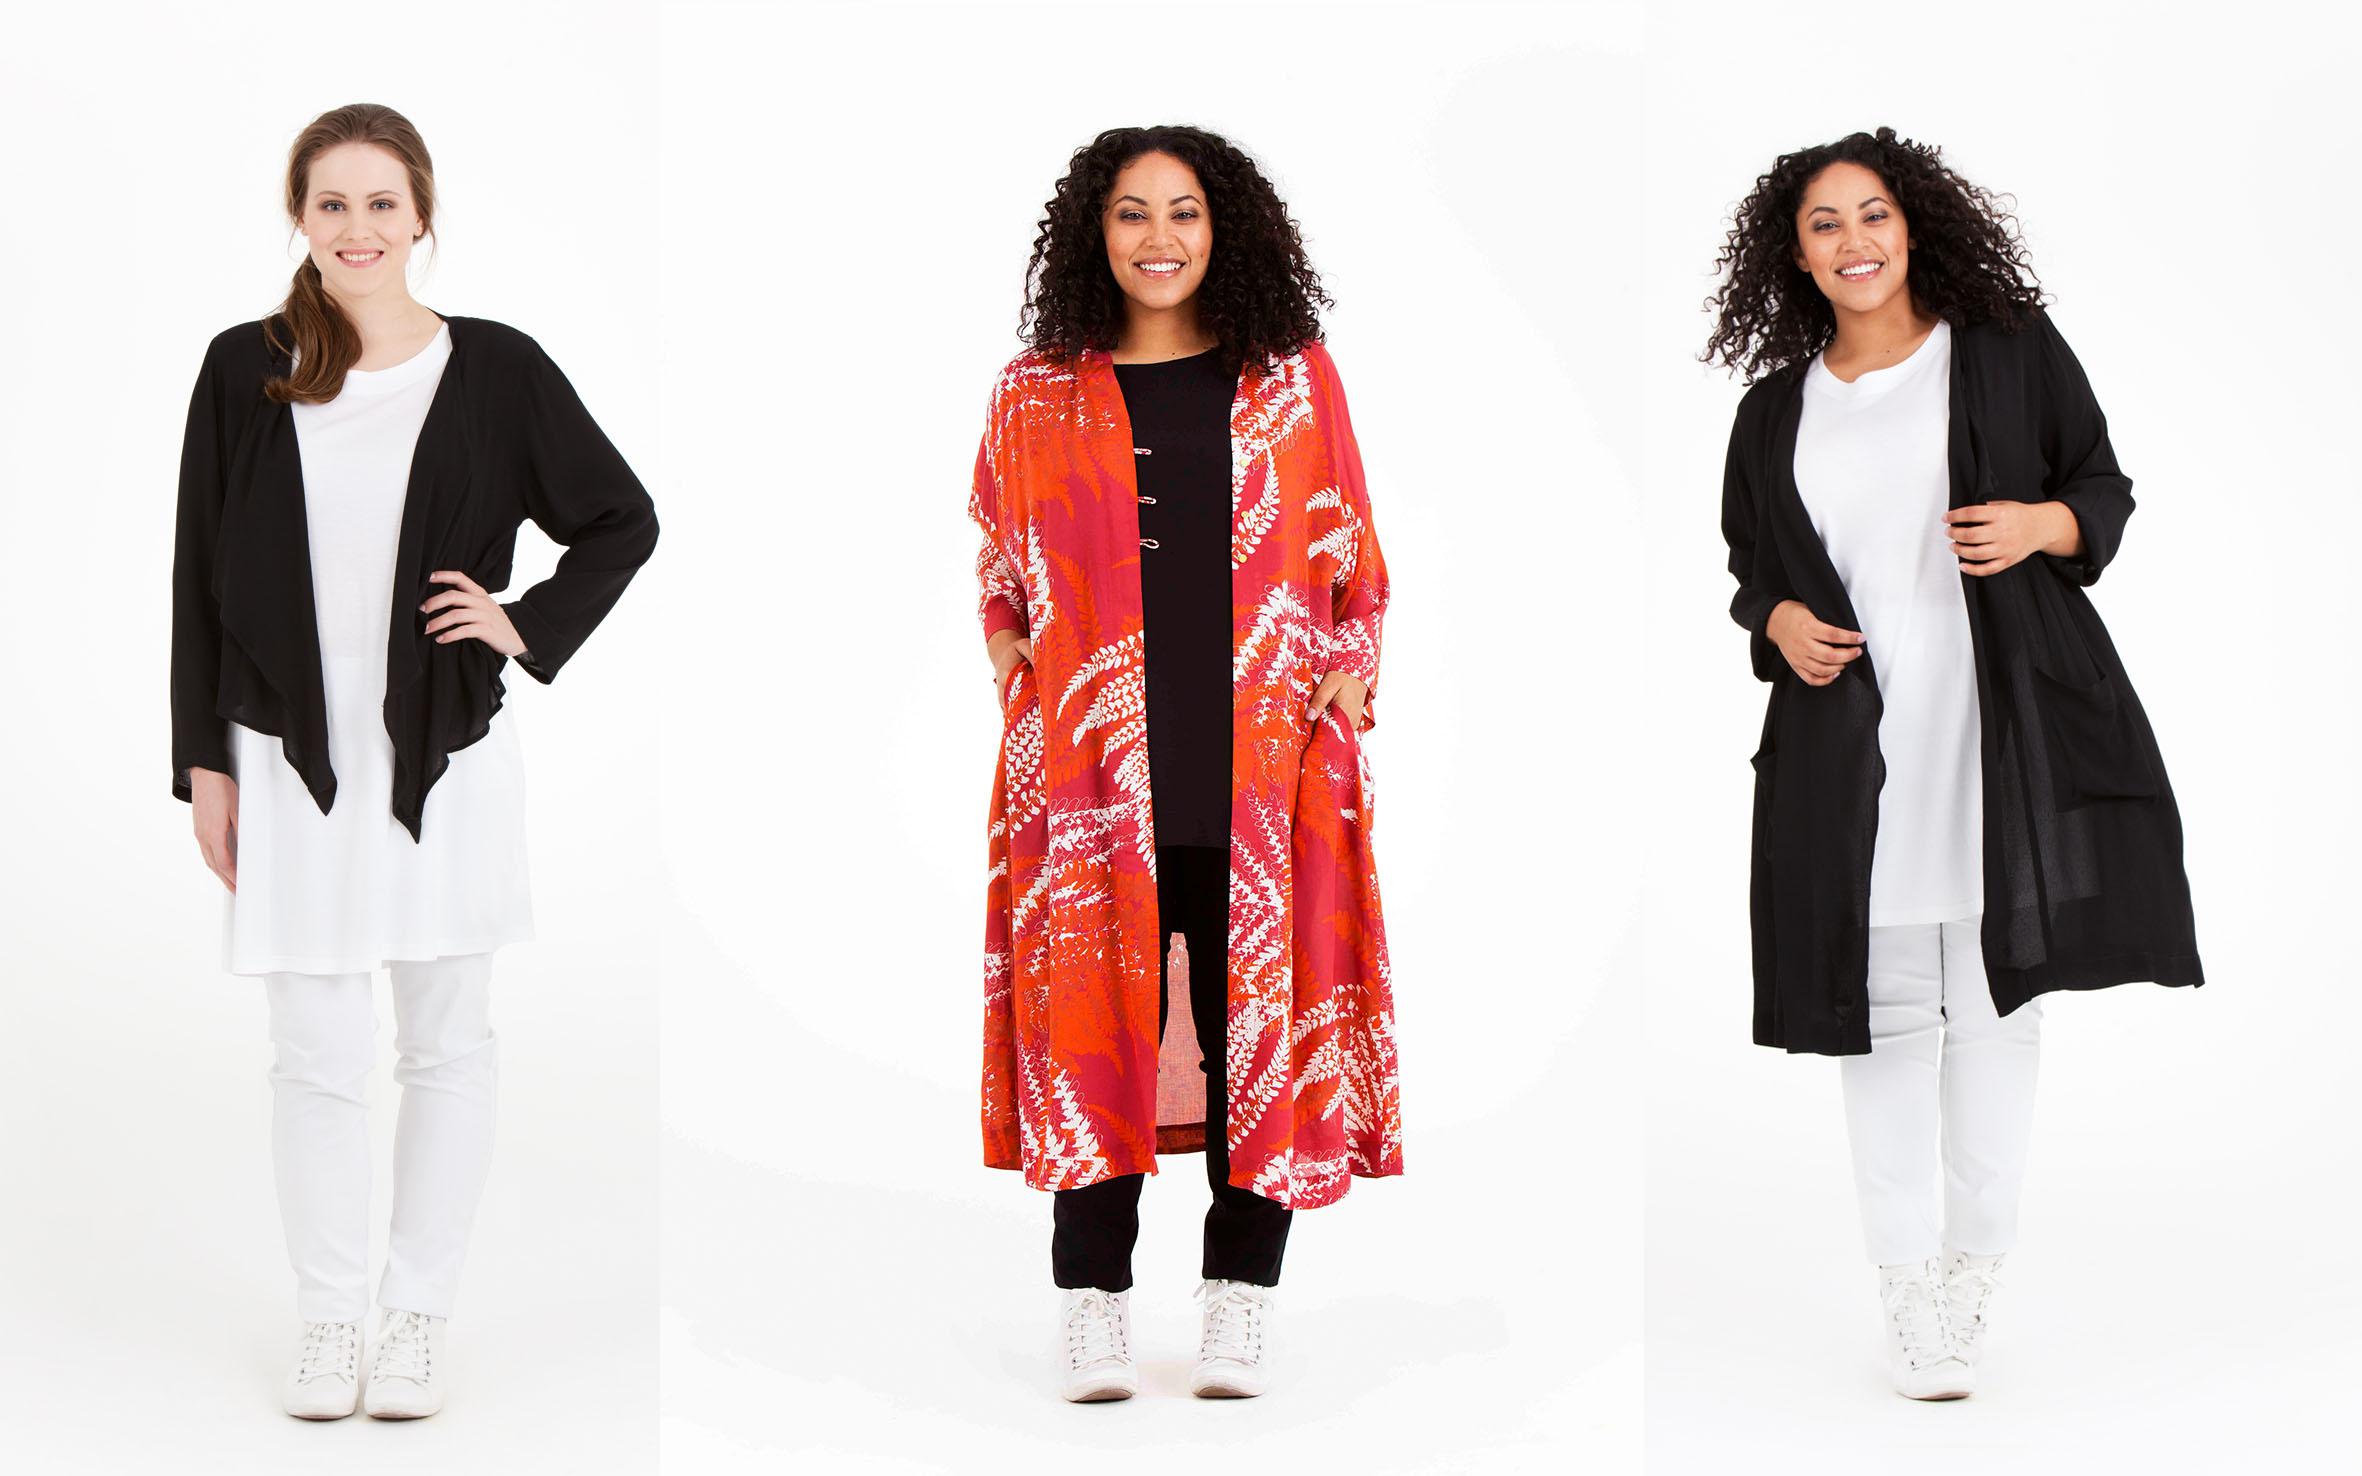 Molly, Oksana och Matilda är svala och sköna för varma dagar. Molly jacka, 100% viskos, pris 699:-, Oksana kimono, 100% modal, pris 799:- (finns även i Fern grön), Matilda jacka, 100% viskos pris 799:-